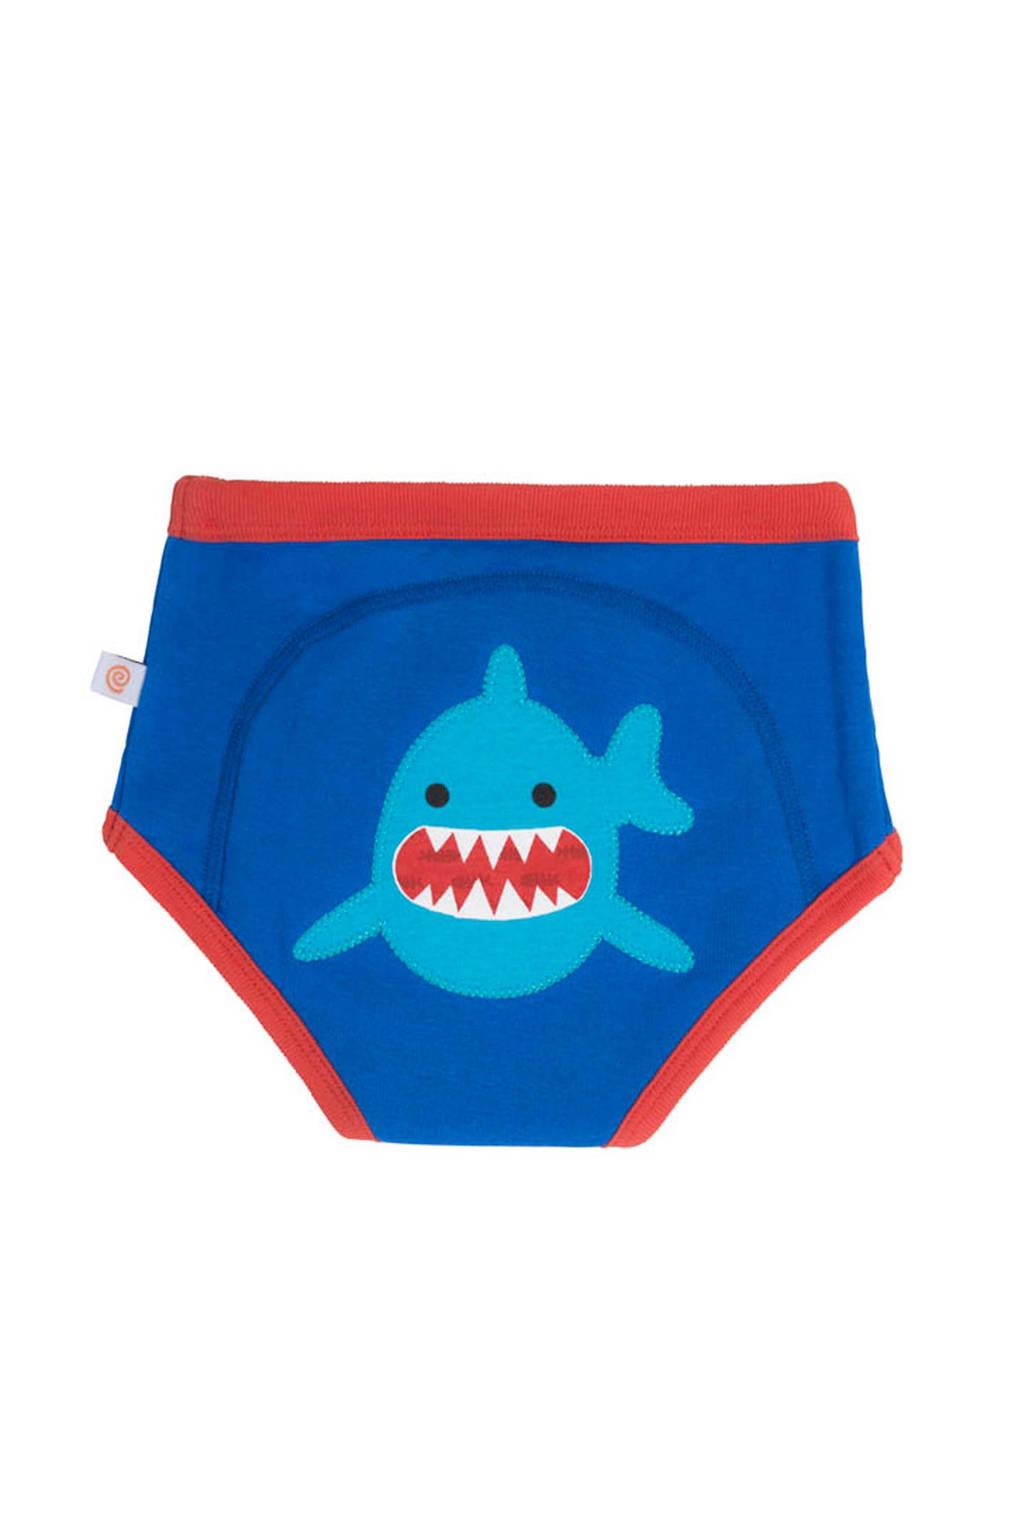 Zoocchini Sherman the Shark trainingsbroekje 3-4 jaar